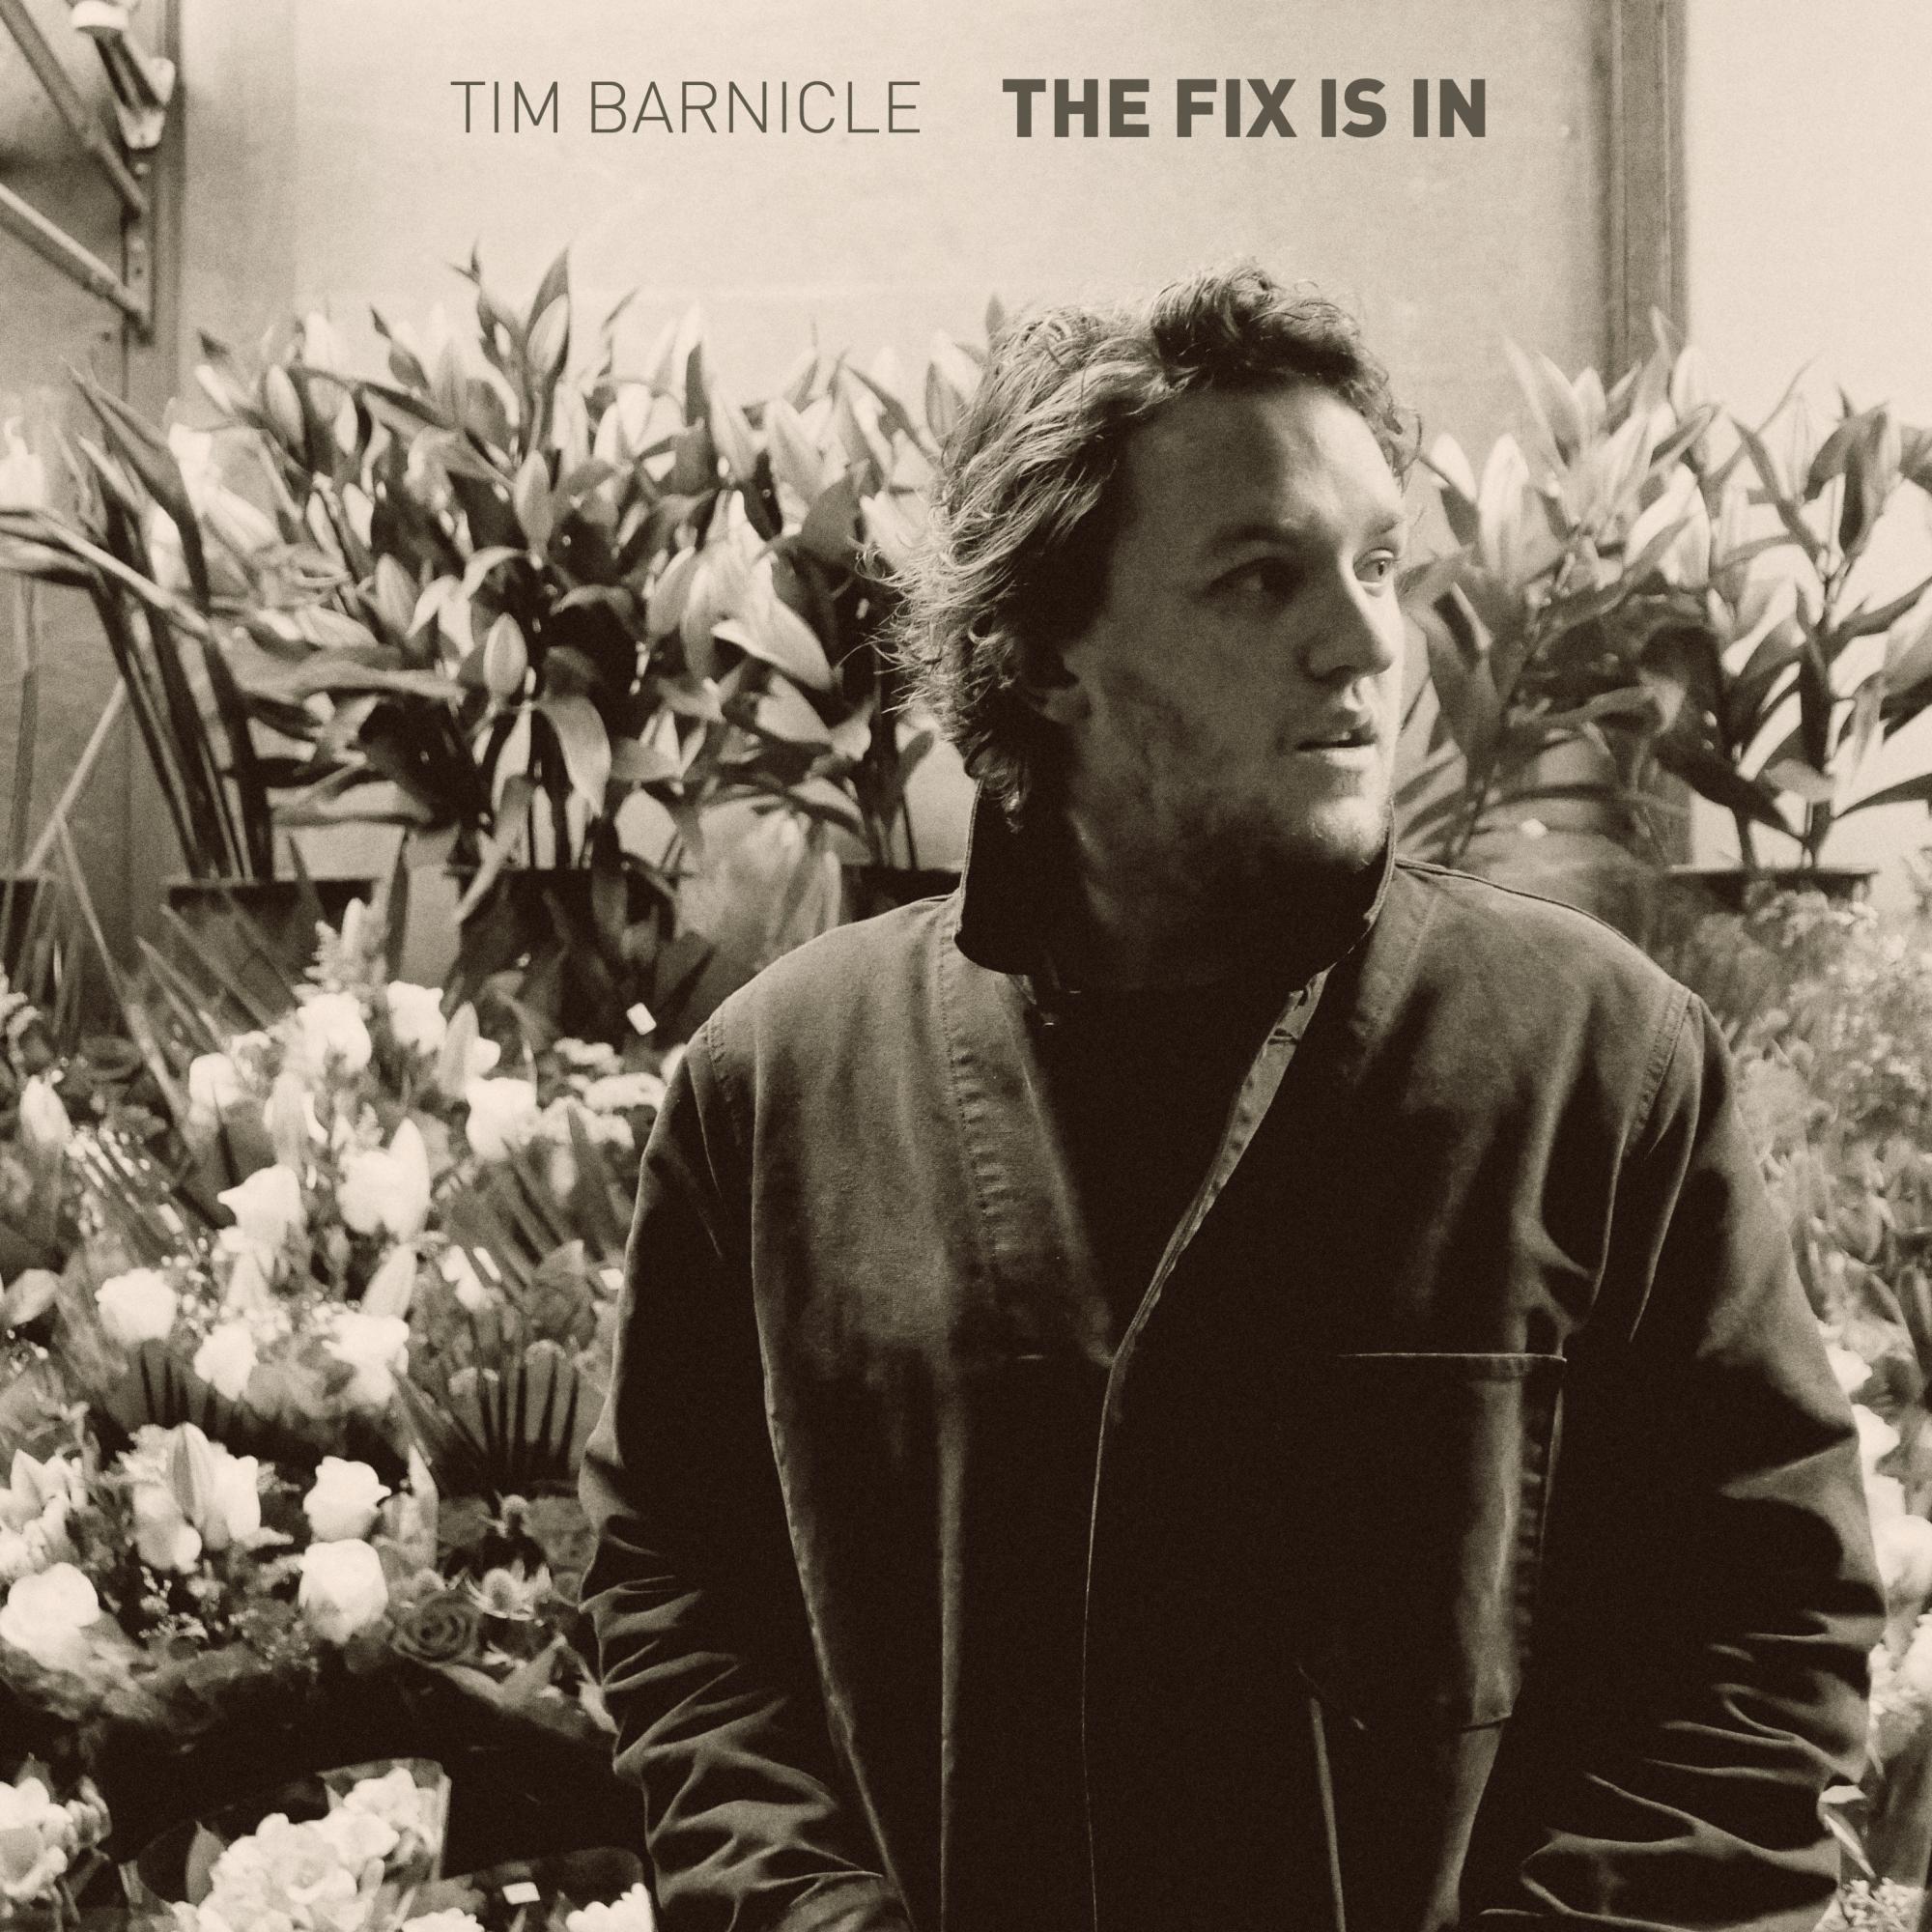 Tim Barnicle